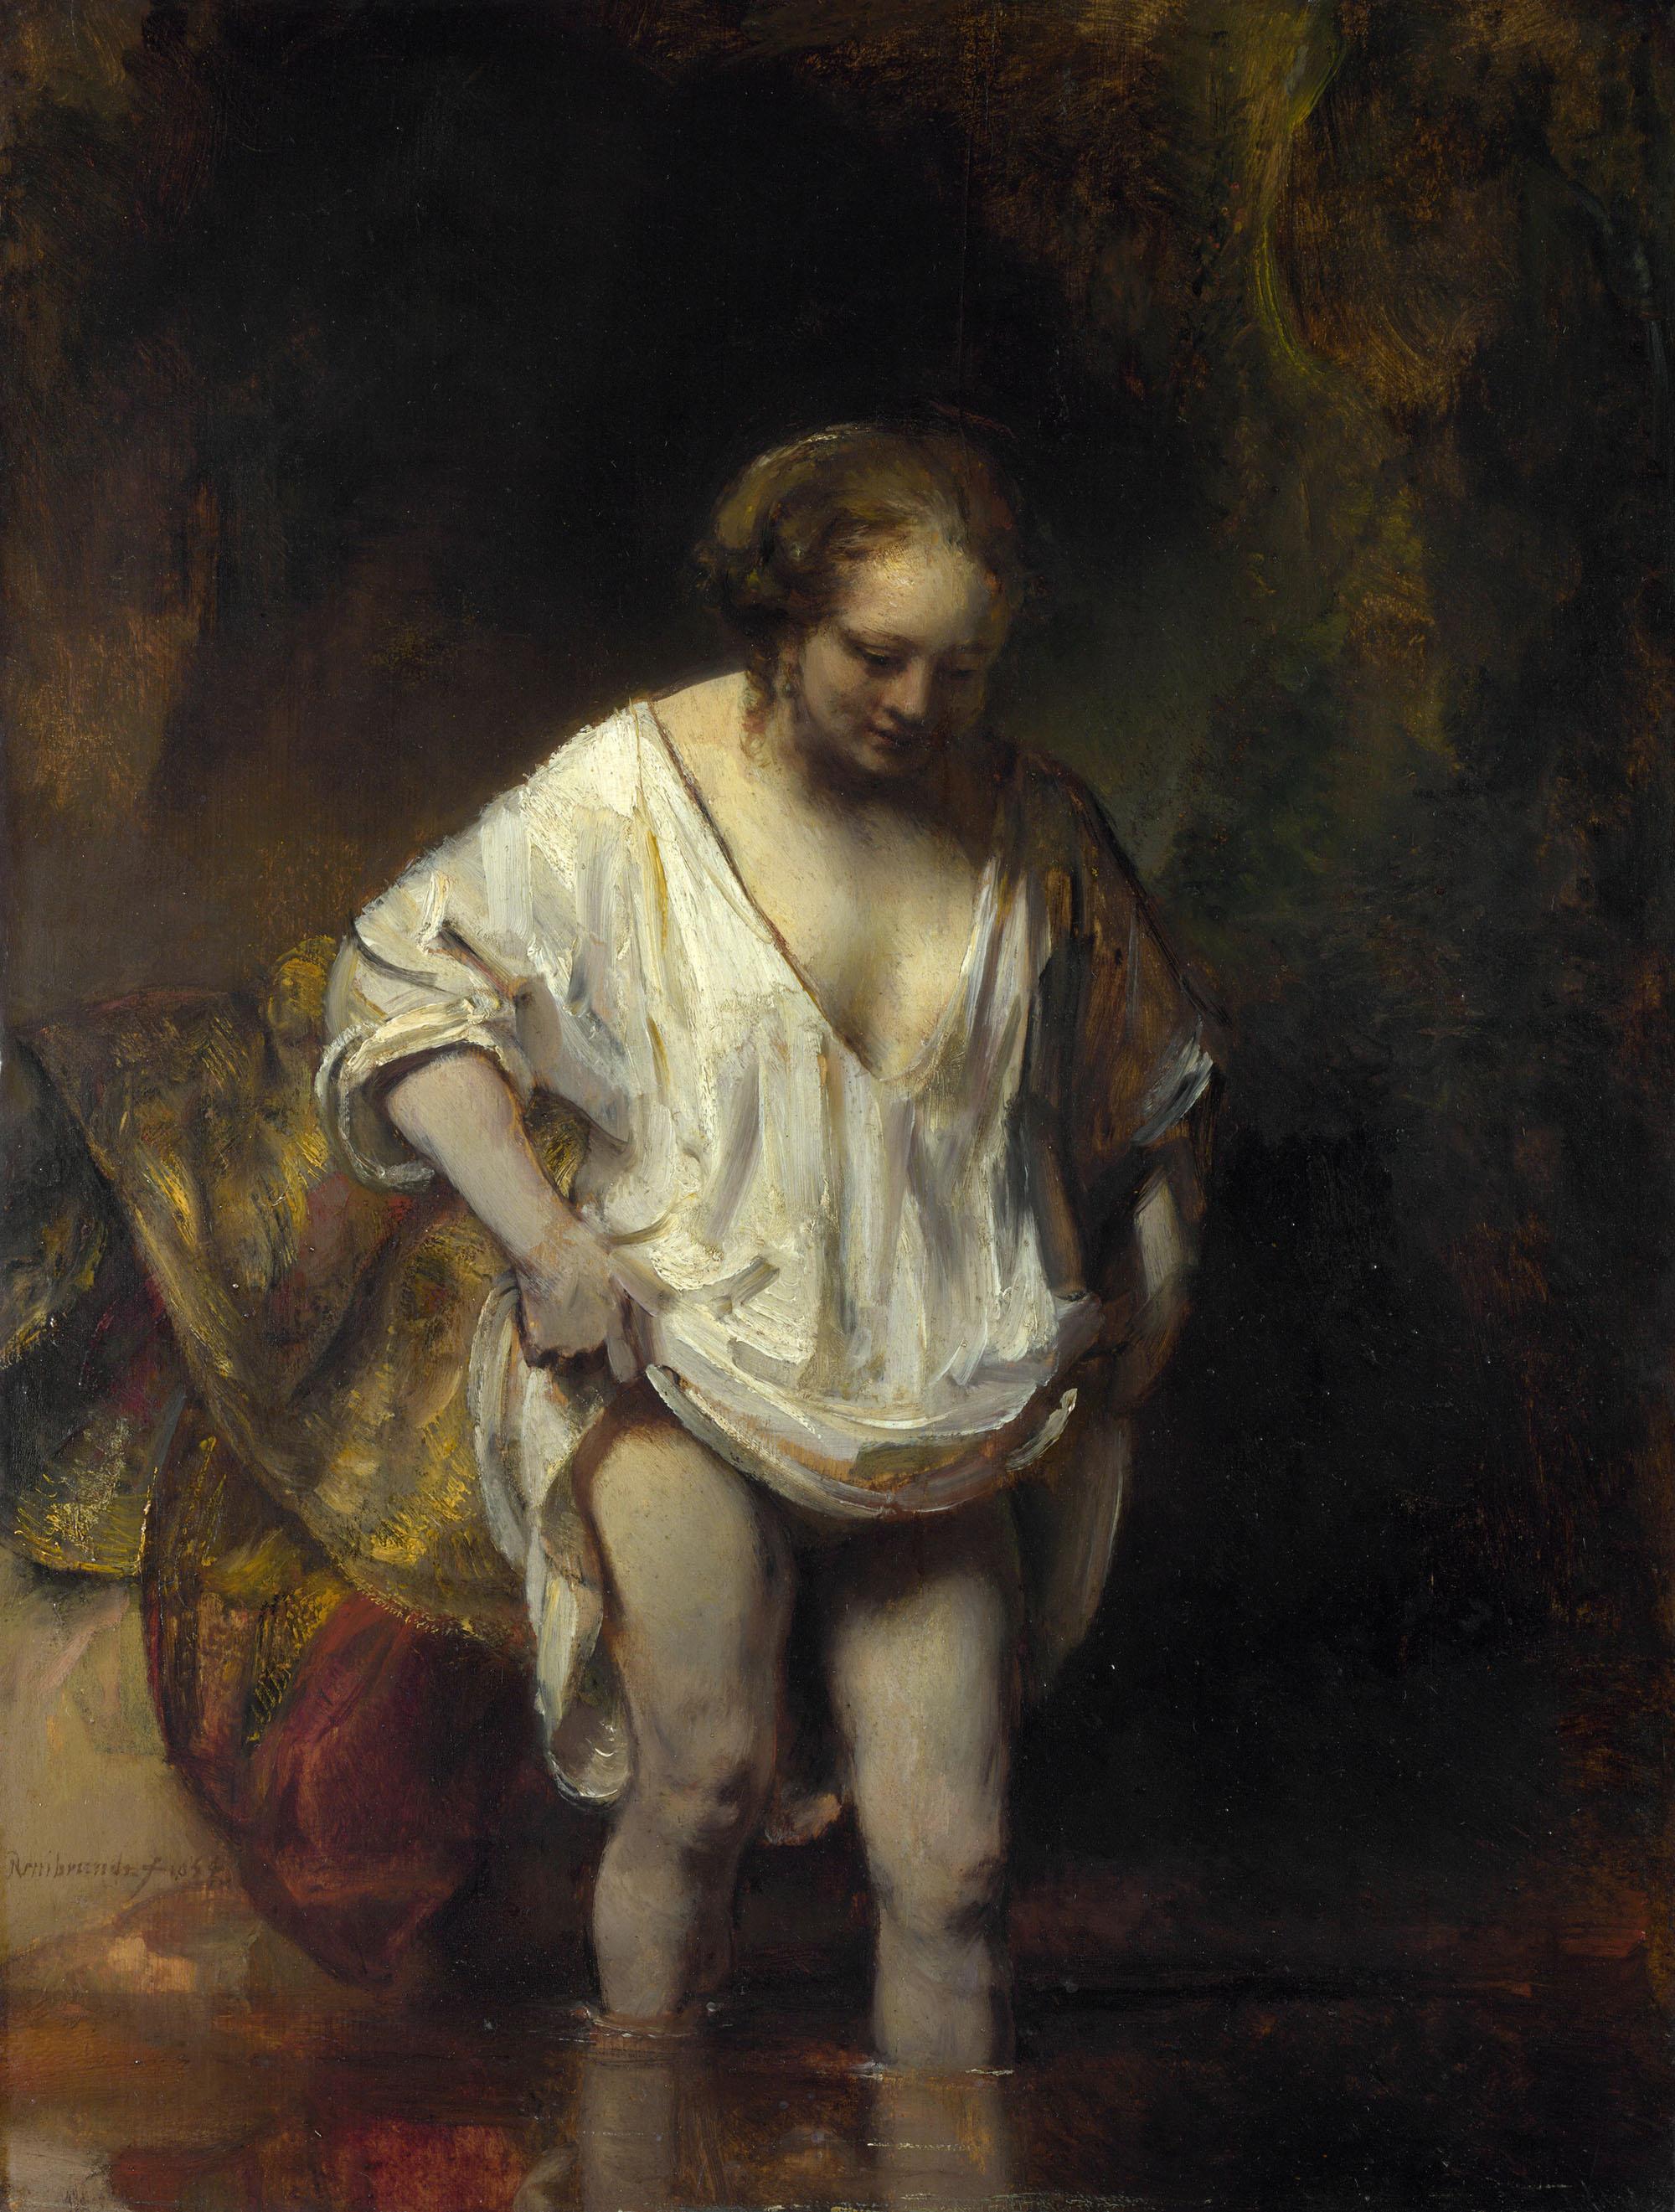 Рембрандт ван Рейн. Женщина, купающаяся в потоке. 1654.